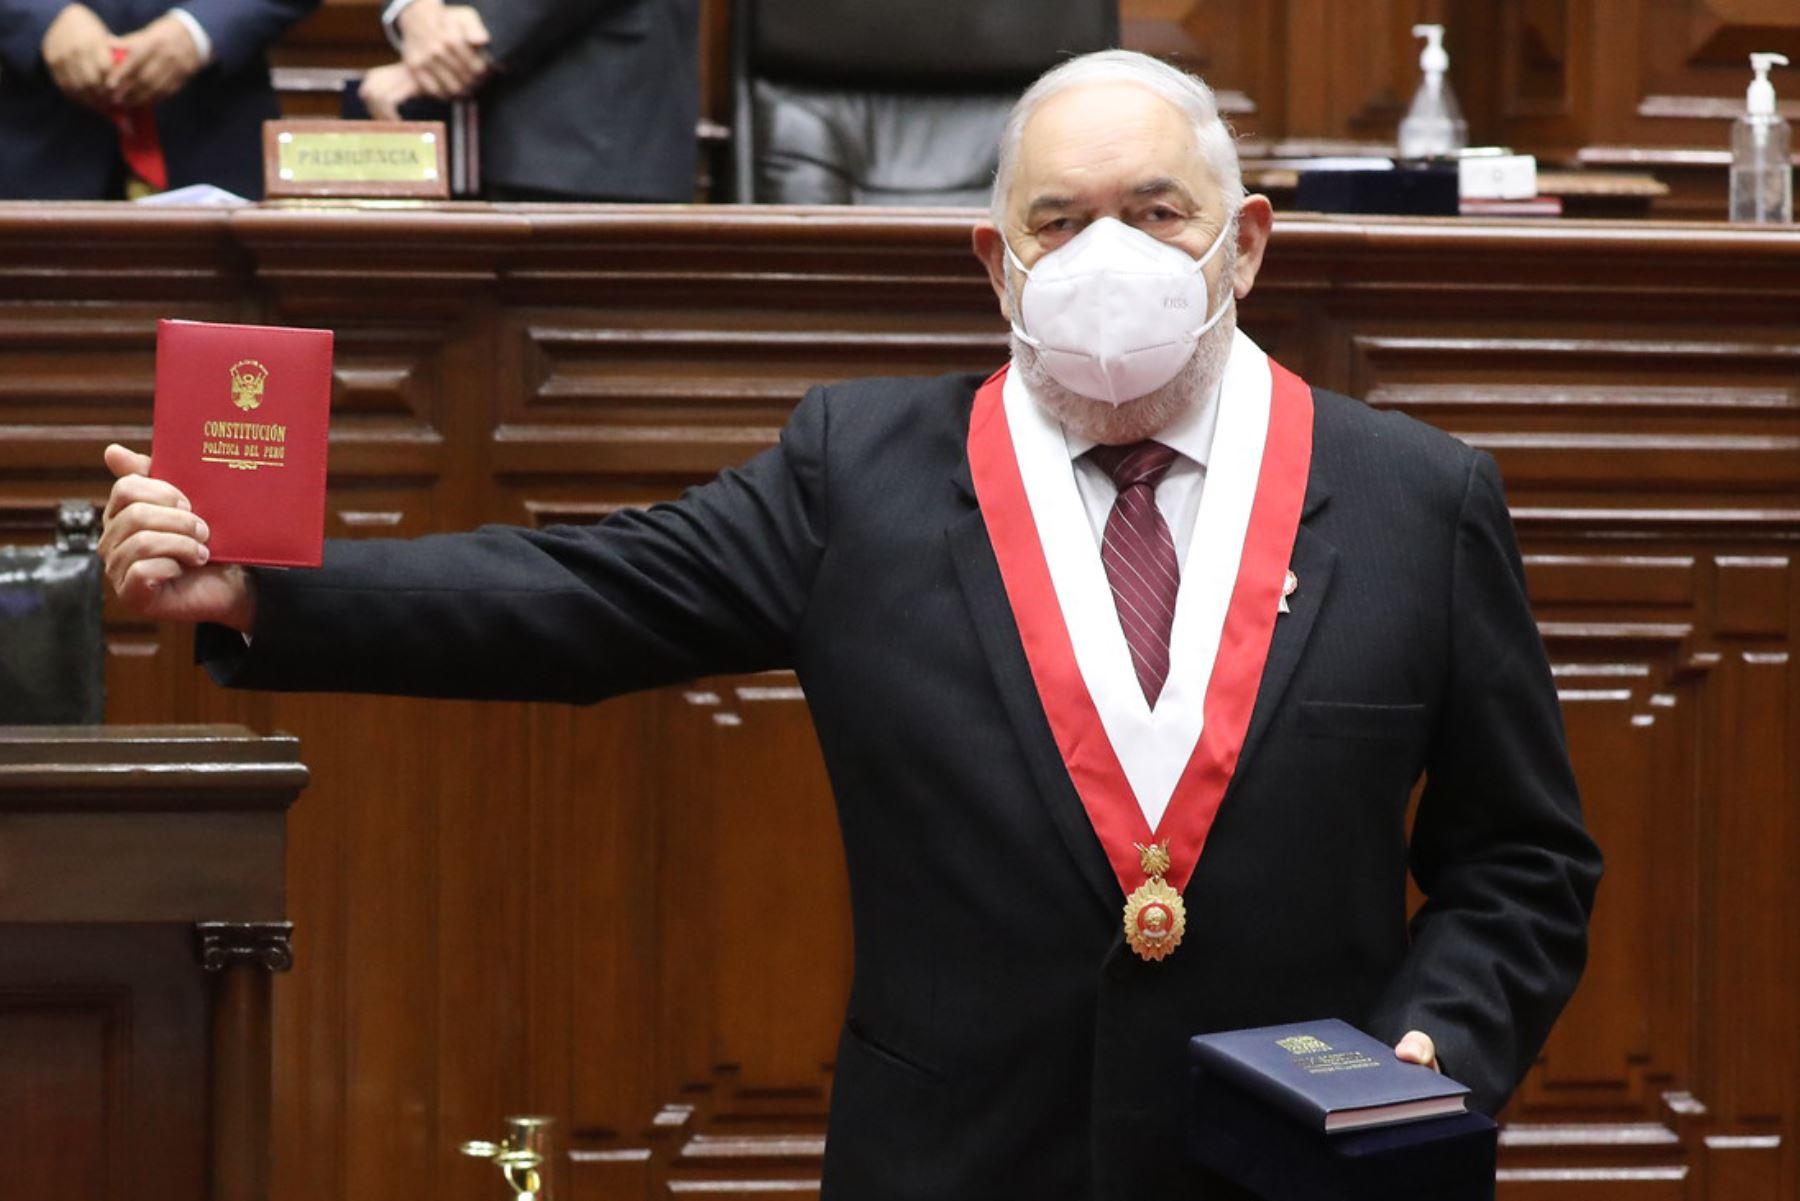 Congresista Jorge Montoya, vocero de la bancada de Renovación Popular. Foto: ANDINA/Difusión.